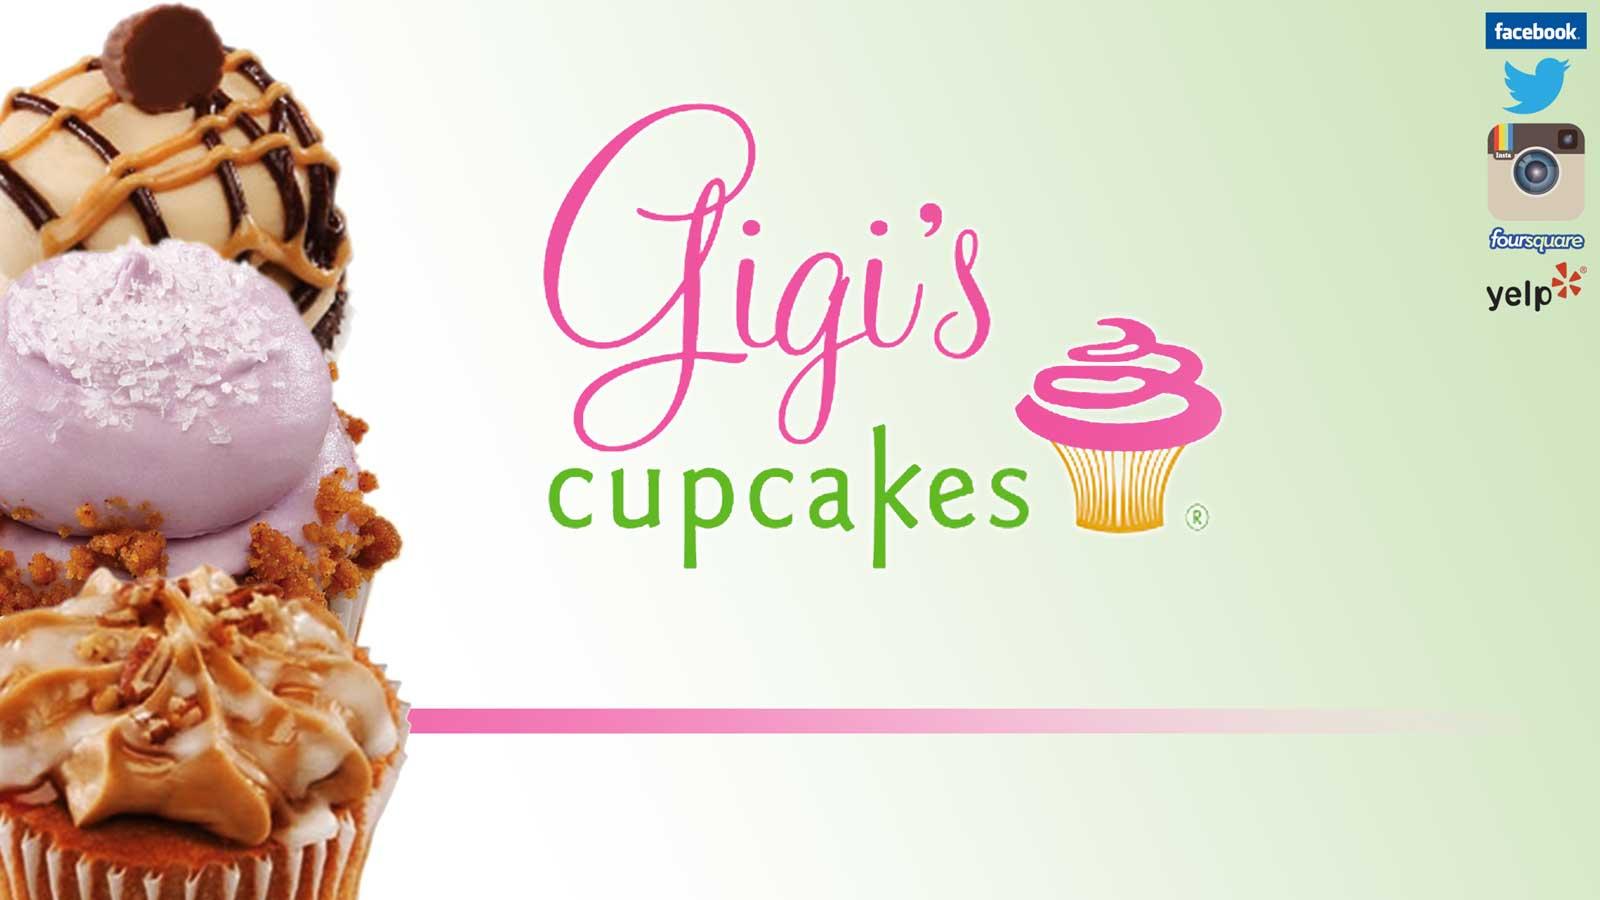 gigis-cuocakes